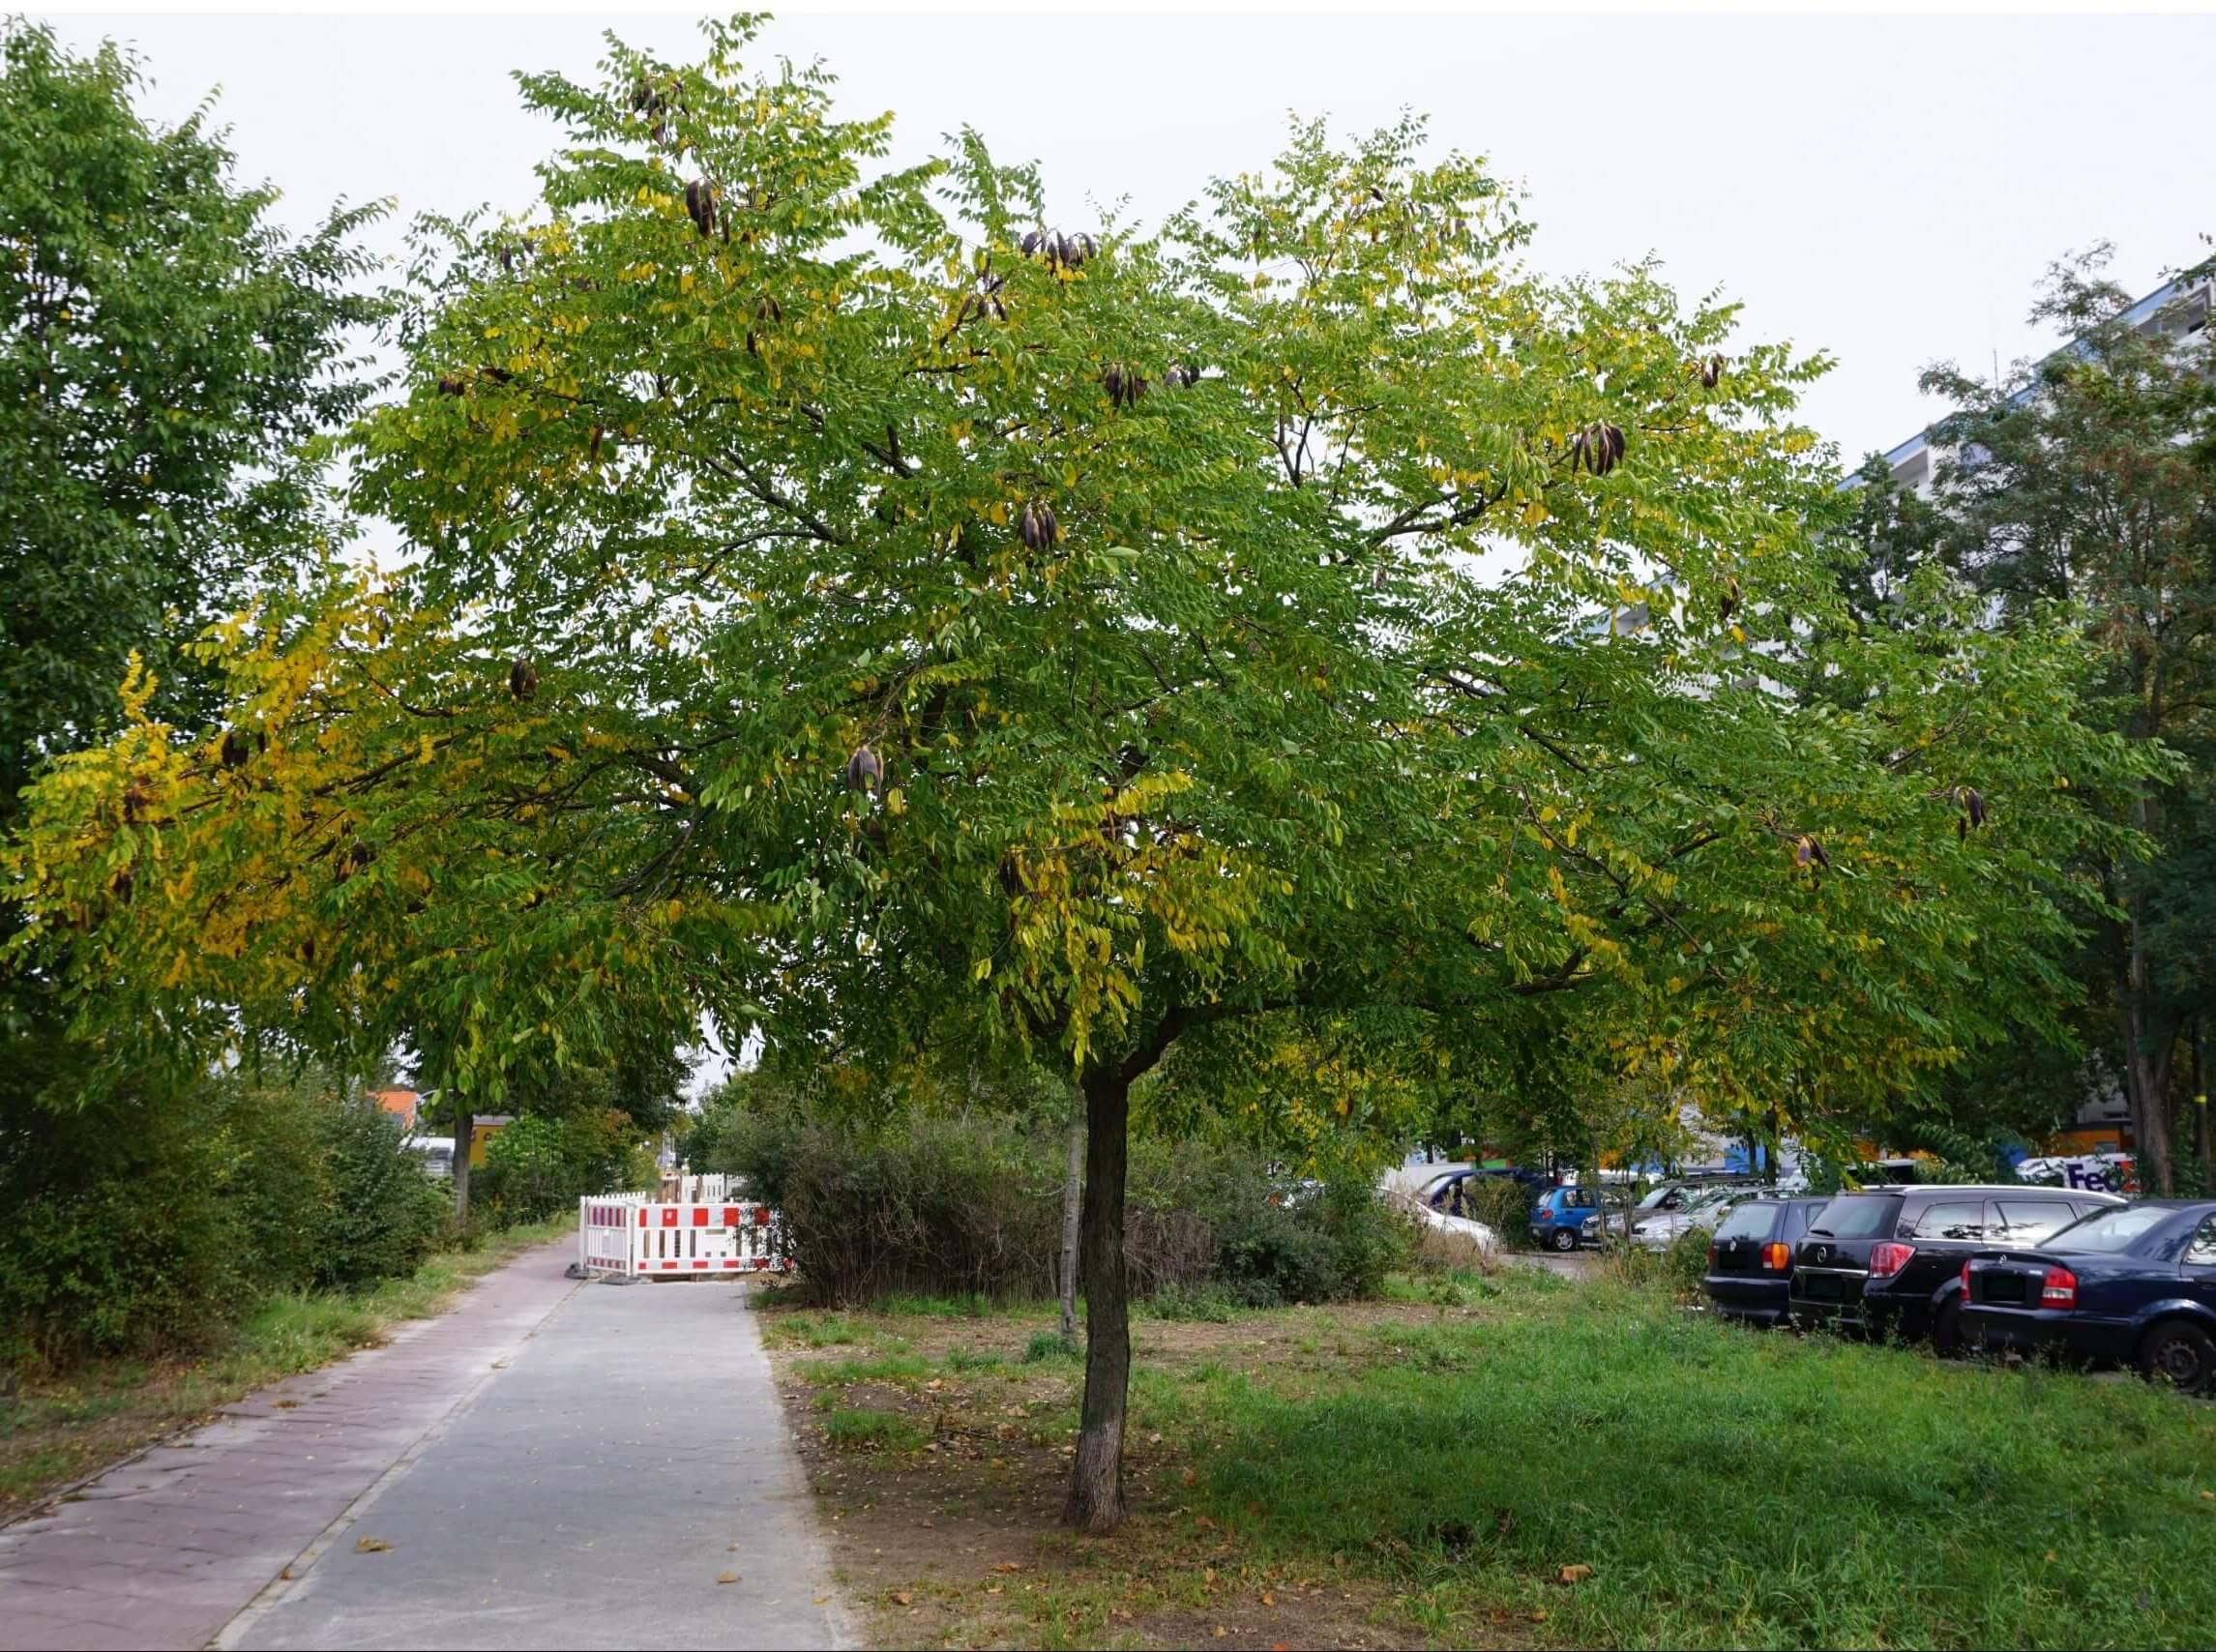 Das Bild zeigt das weibliche Exemplar eines Geweihbaumes mit gereiften Fruchthülsen in der Krone. Die Bäume bilden freistehend breite schirmartige Kronen. Das Foto entstand im Oktober 2020 an der Schönefelder Chaussee am Kosmosviertel.